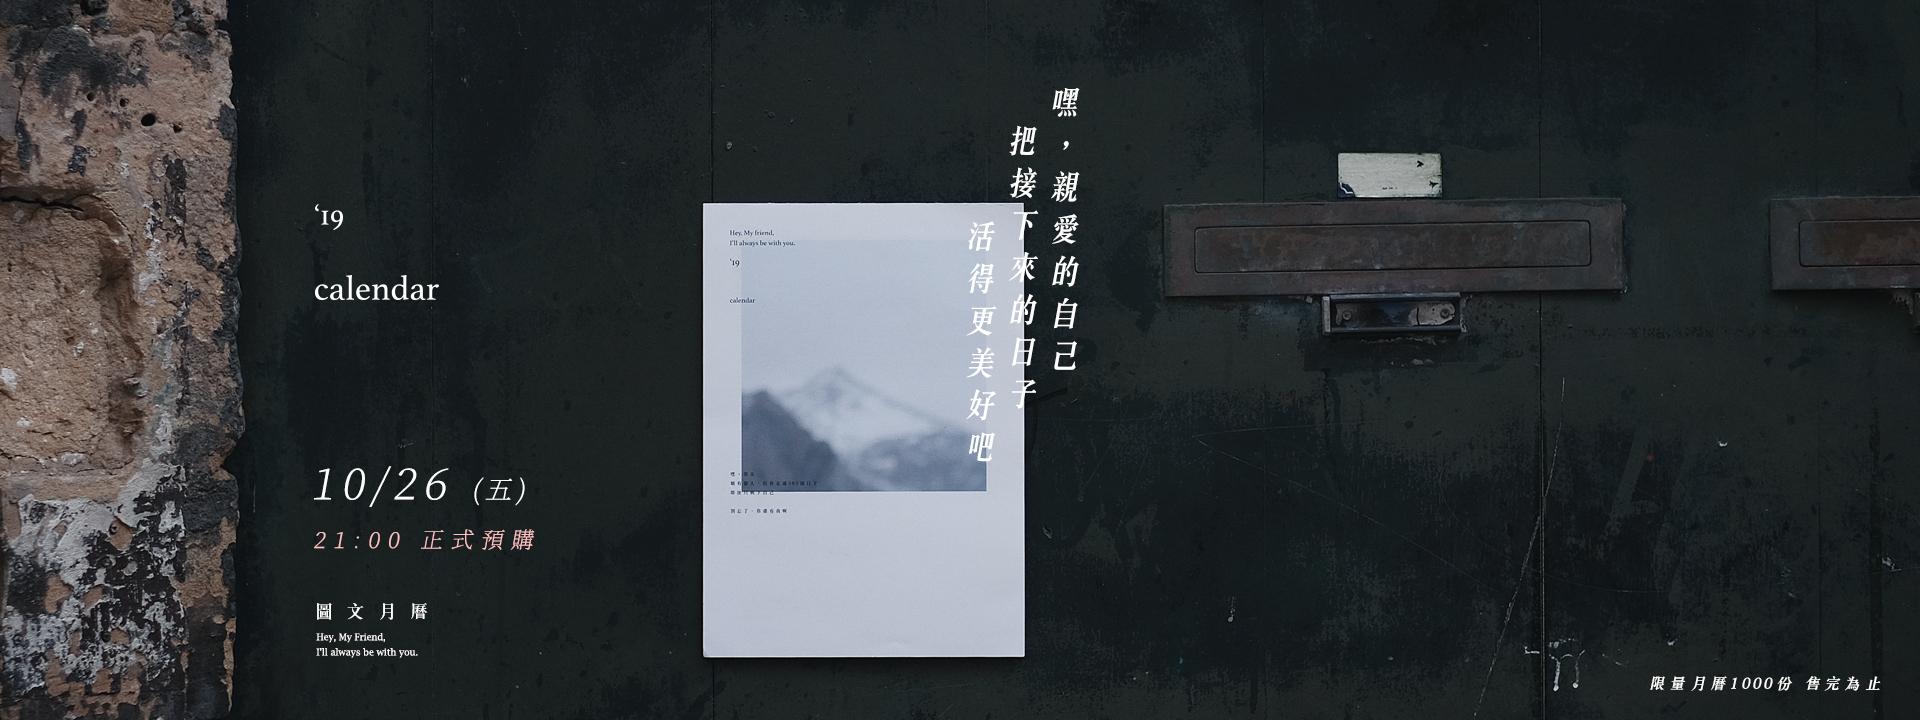 2019攝影圖文月曆